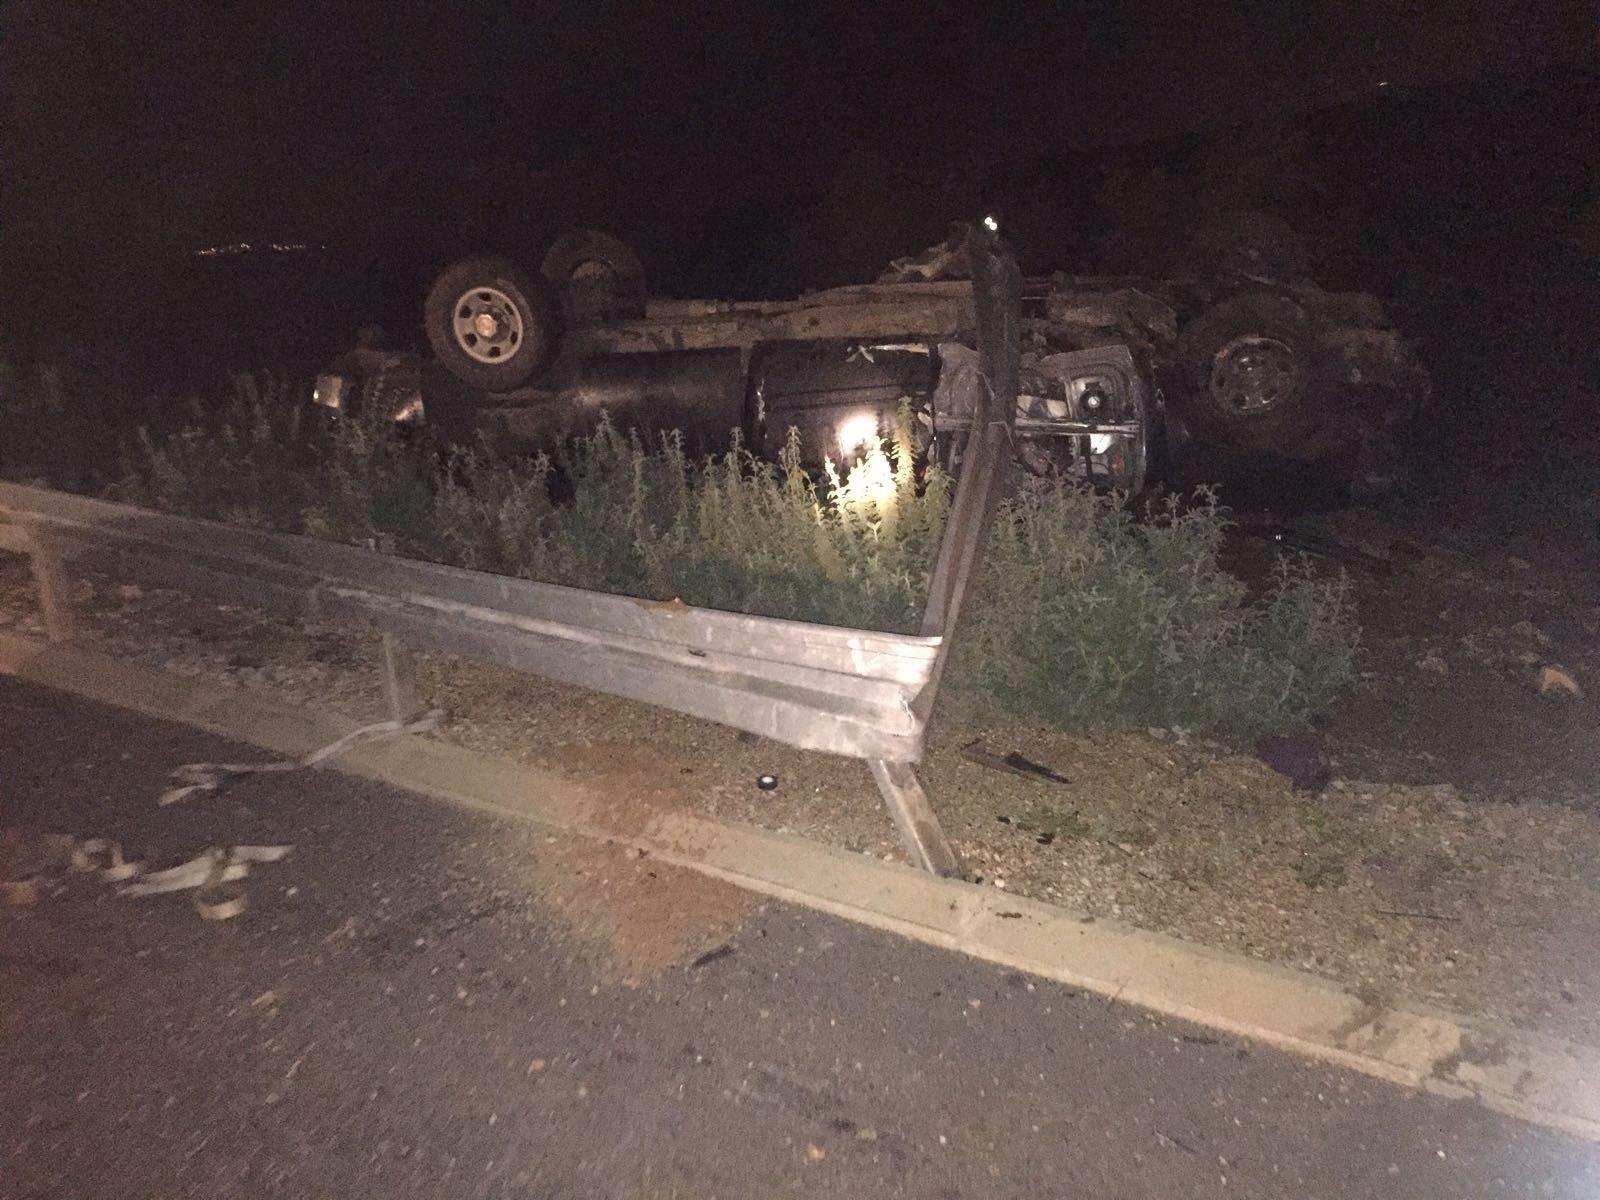 مصرع رجل بعدما اصطدمت سيارته ببقرة على شارع 65 قرب كدريم